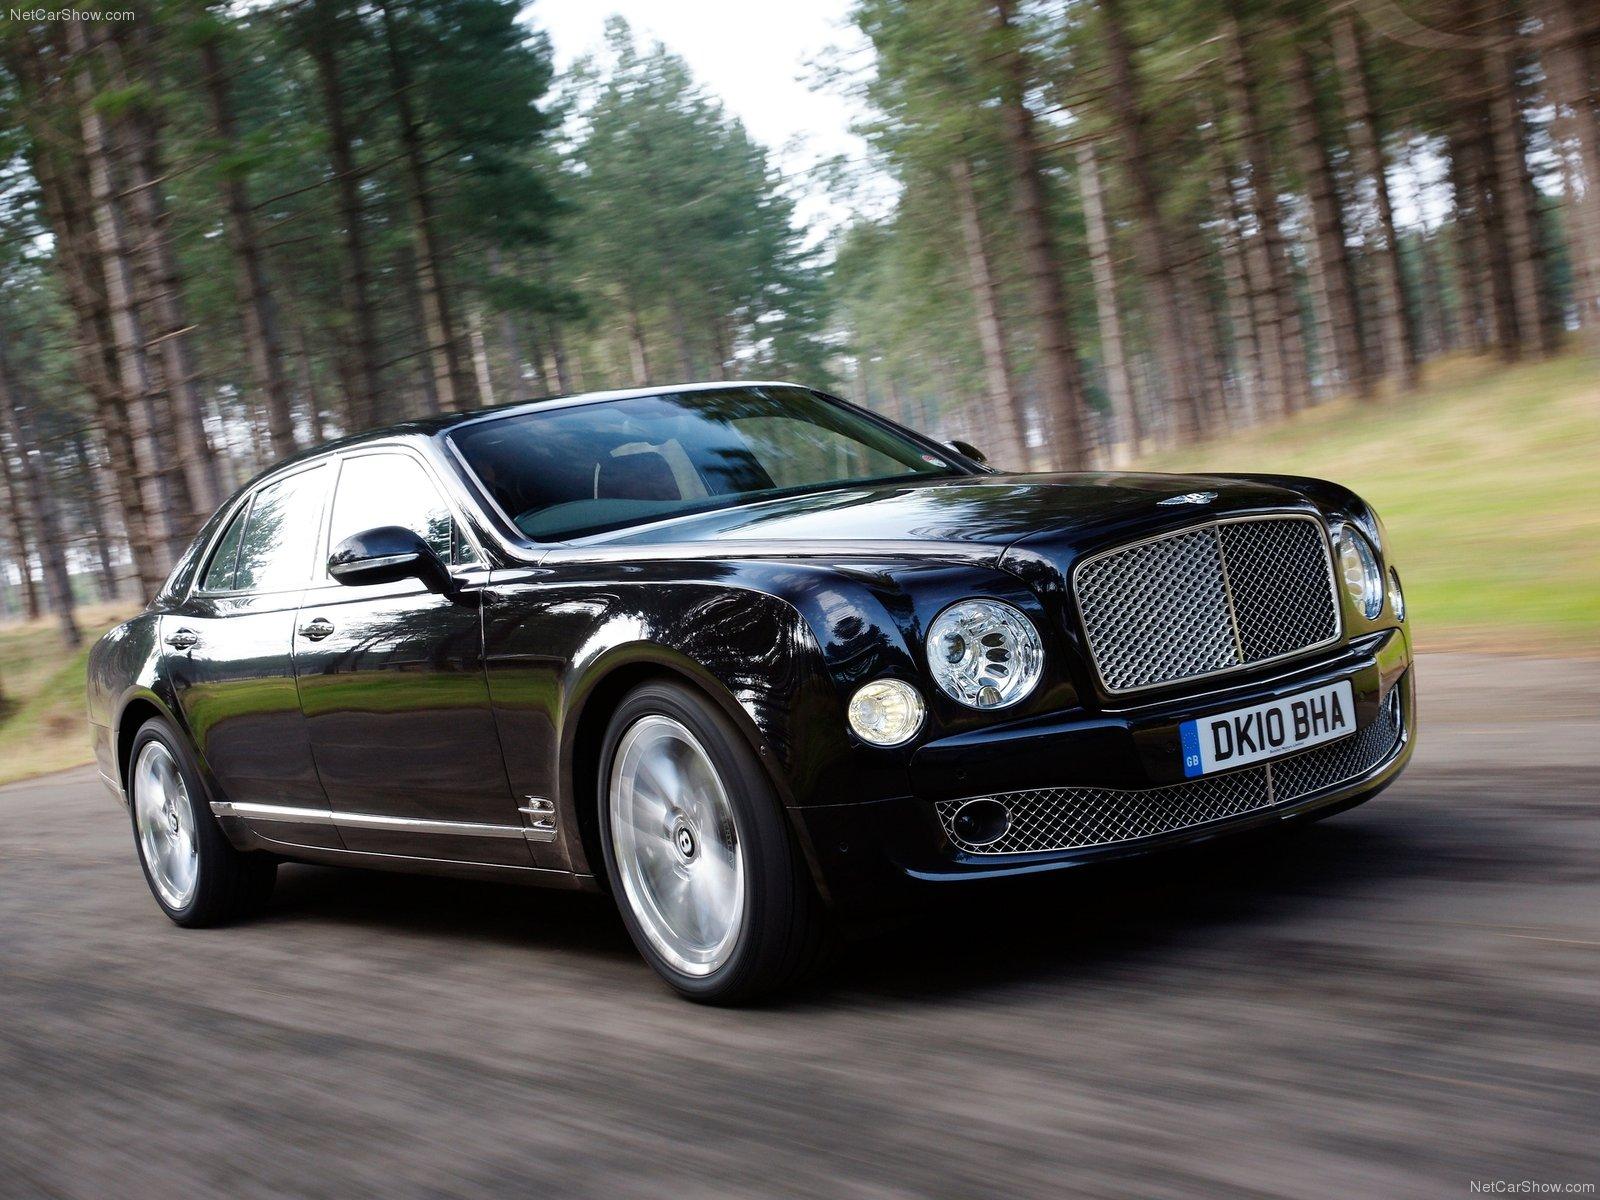 http://1.bp.blogspot.com/_gamz3S4rjAA/TCOdGEaPrSI/AAAAAAAAAN0/9k0pCAtzKFw/s1600/Bentley-Mulsanne_2011_1600x1200_wallpaper_0d%252B(1).jpg